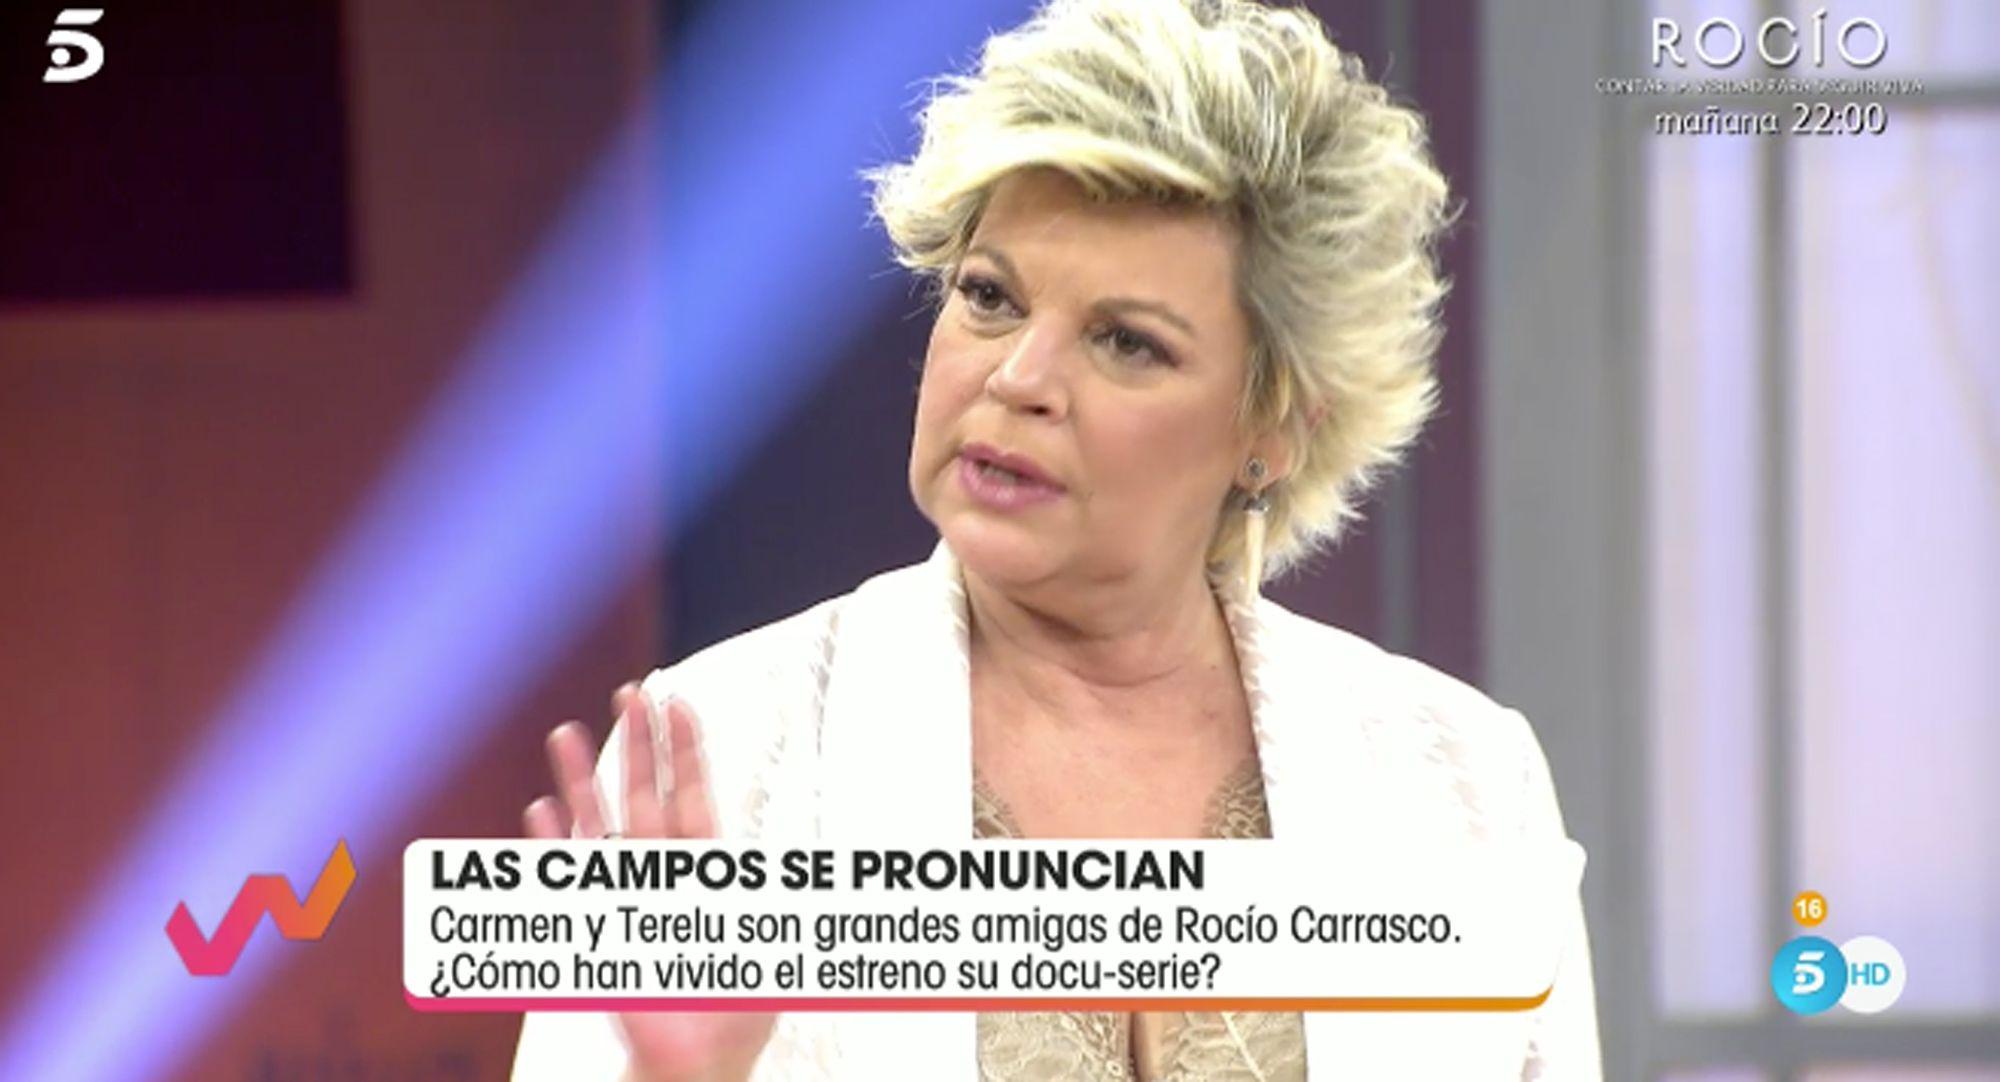 Las Campos cuentan cómo se encuentra Rocío Carrasco